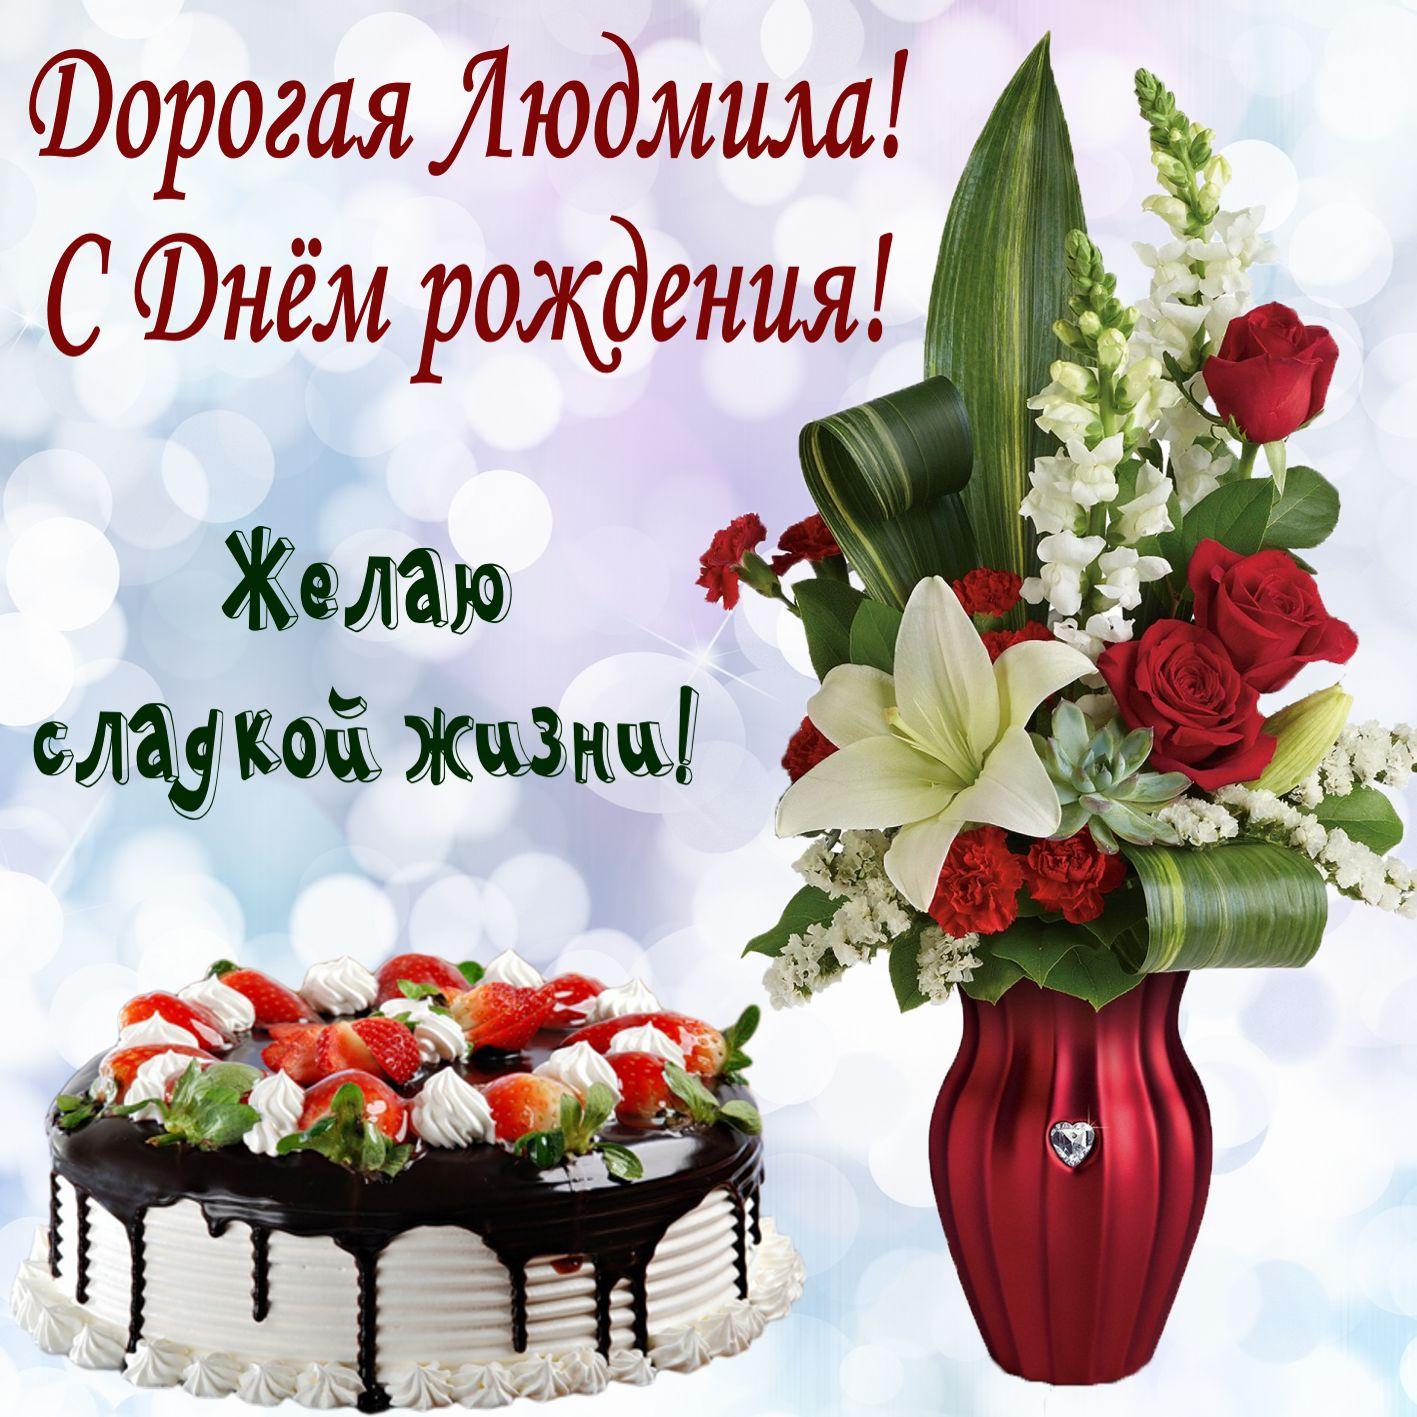 Открытки поздравления с днем рождения людмила